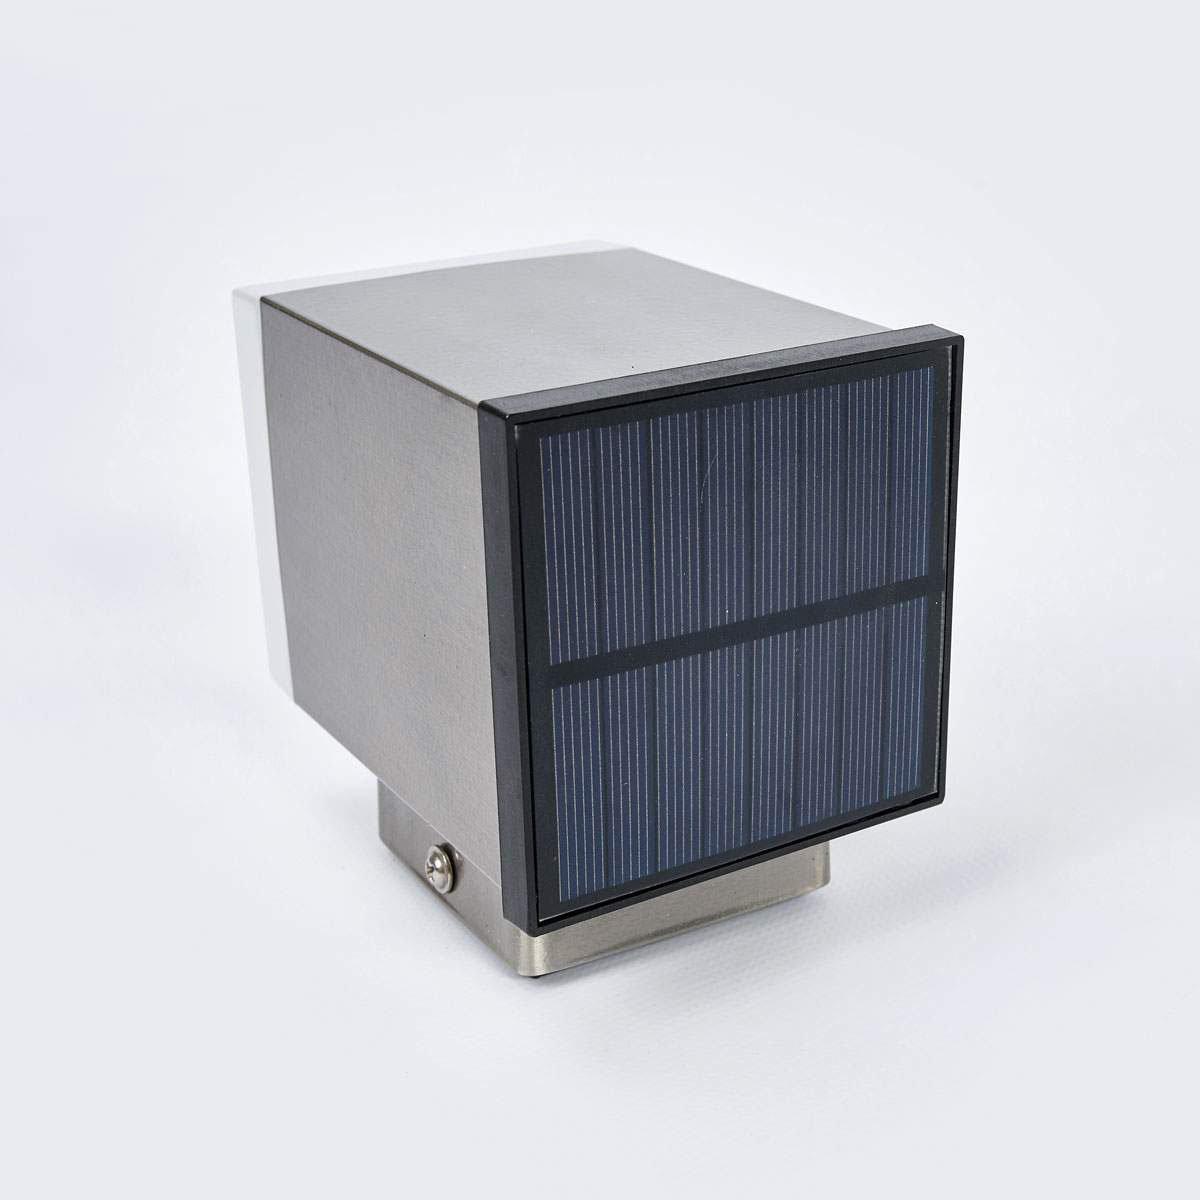 LED-Solar-Außenwandleuchte Tyson, eckig, 11,5x8,4x11,5 cm, Edelstahl, silber | #4